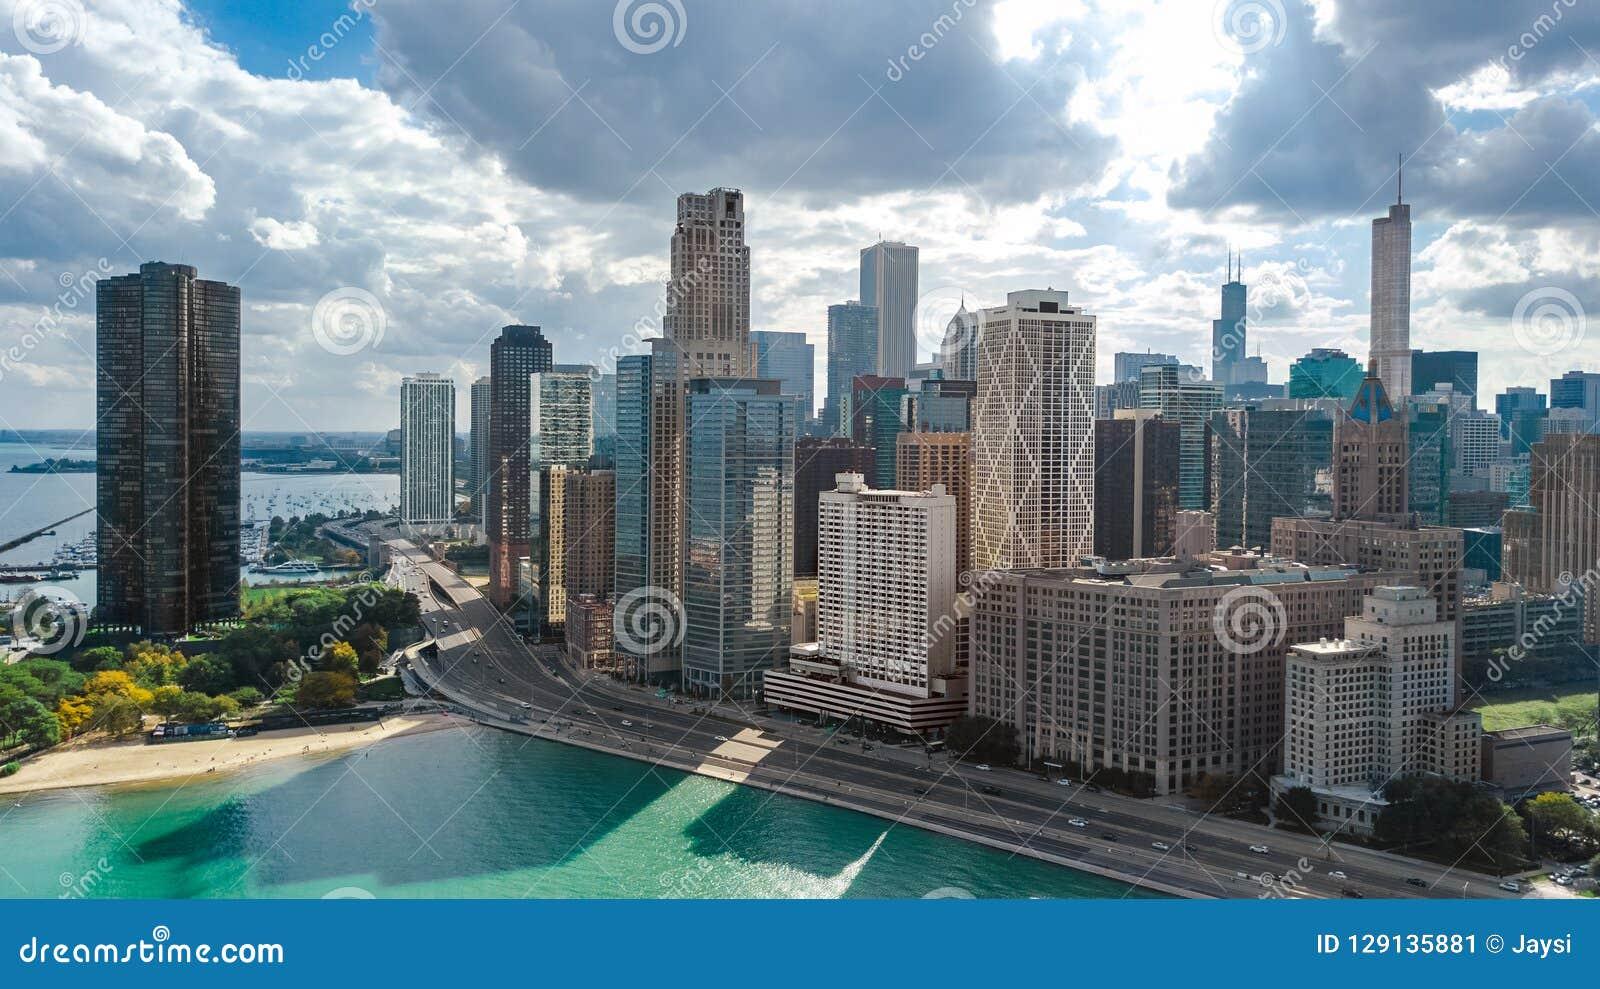 Chicago-Skylineluftbrummenansicht von oben genanntem, vom Michigansee und von im Stadtzentrum gelegenen Wolkenkratzern Stadtbild,